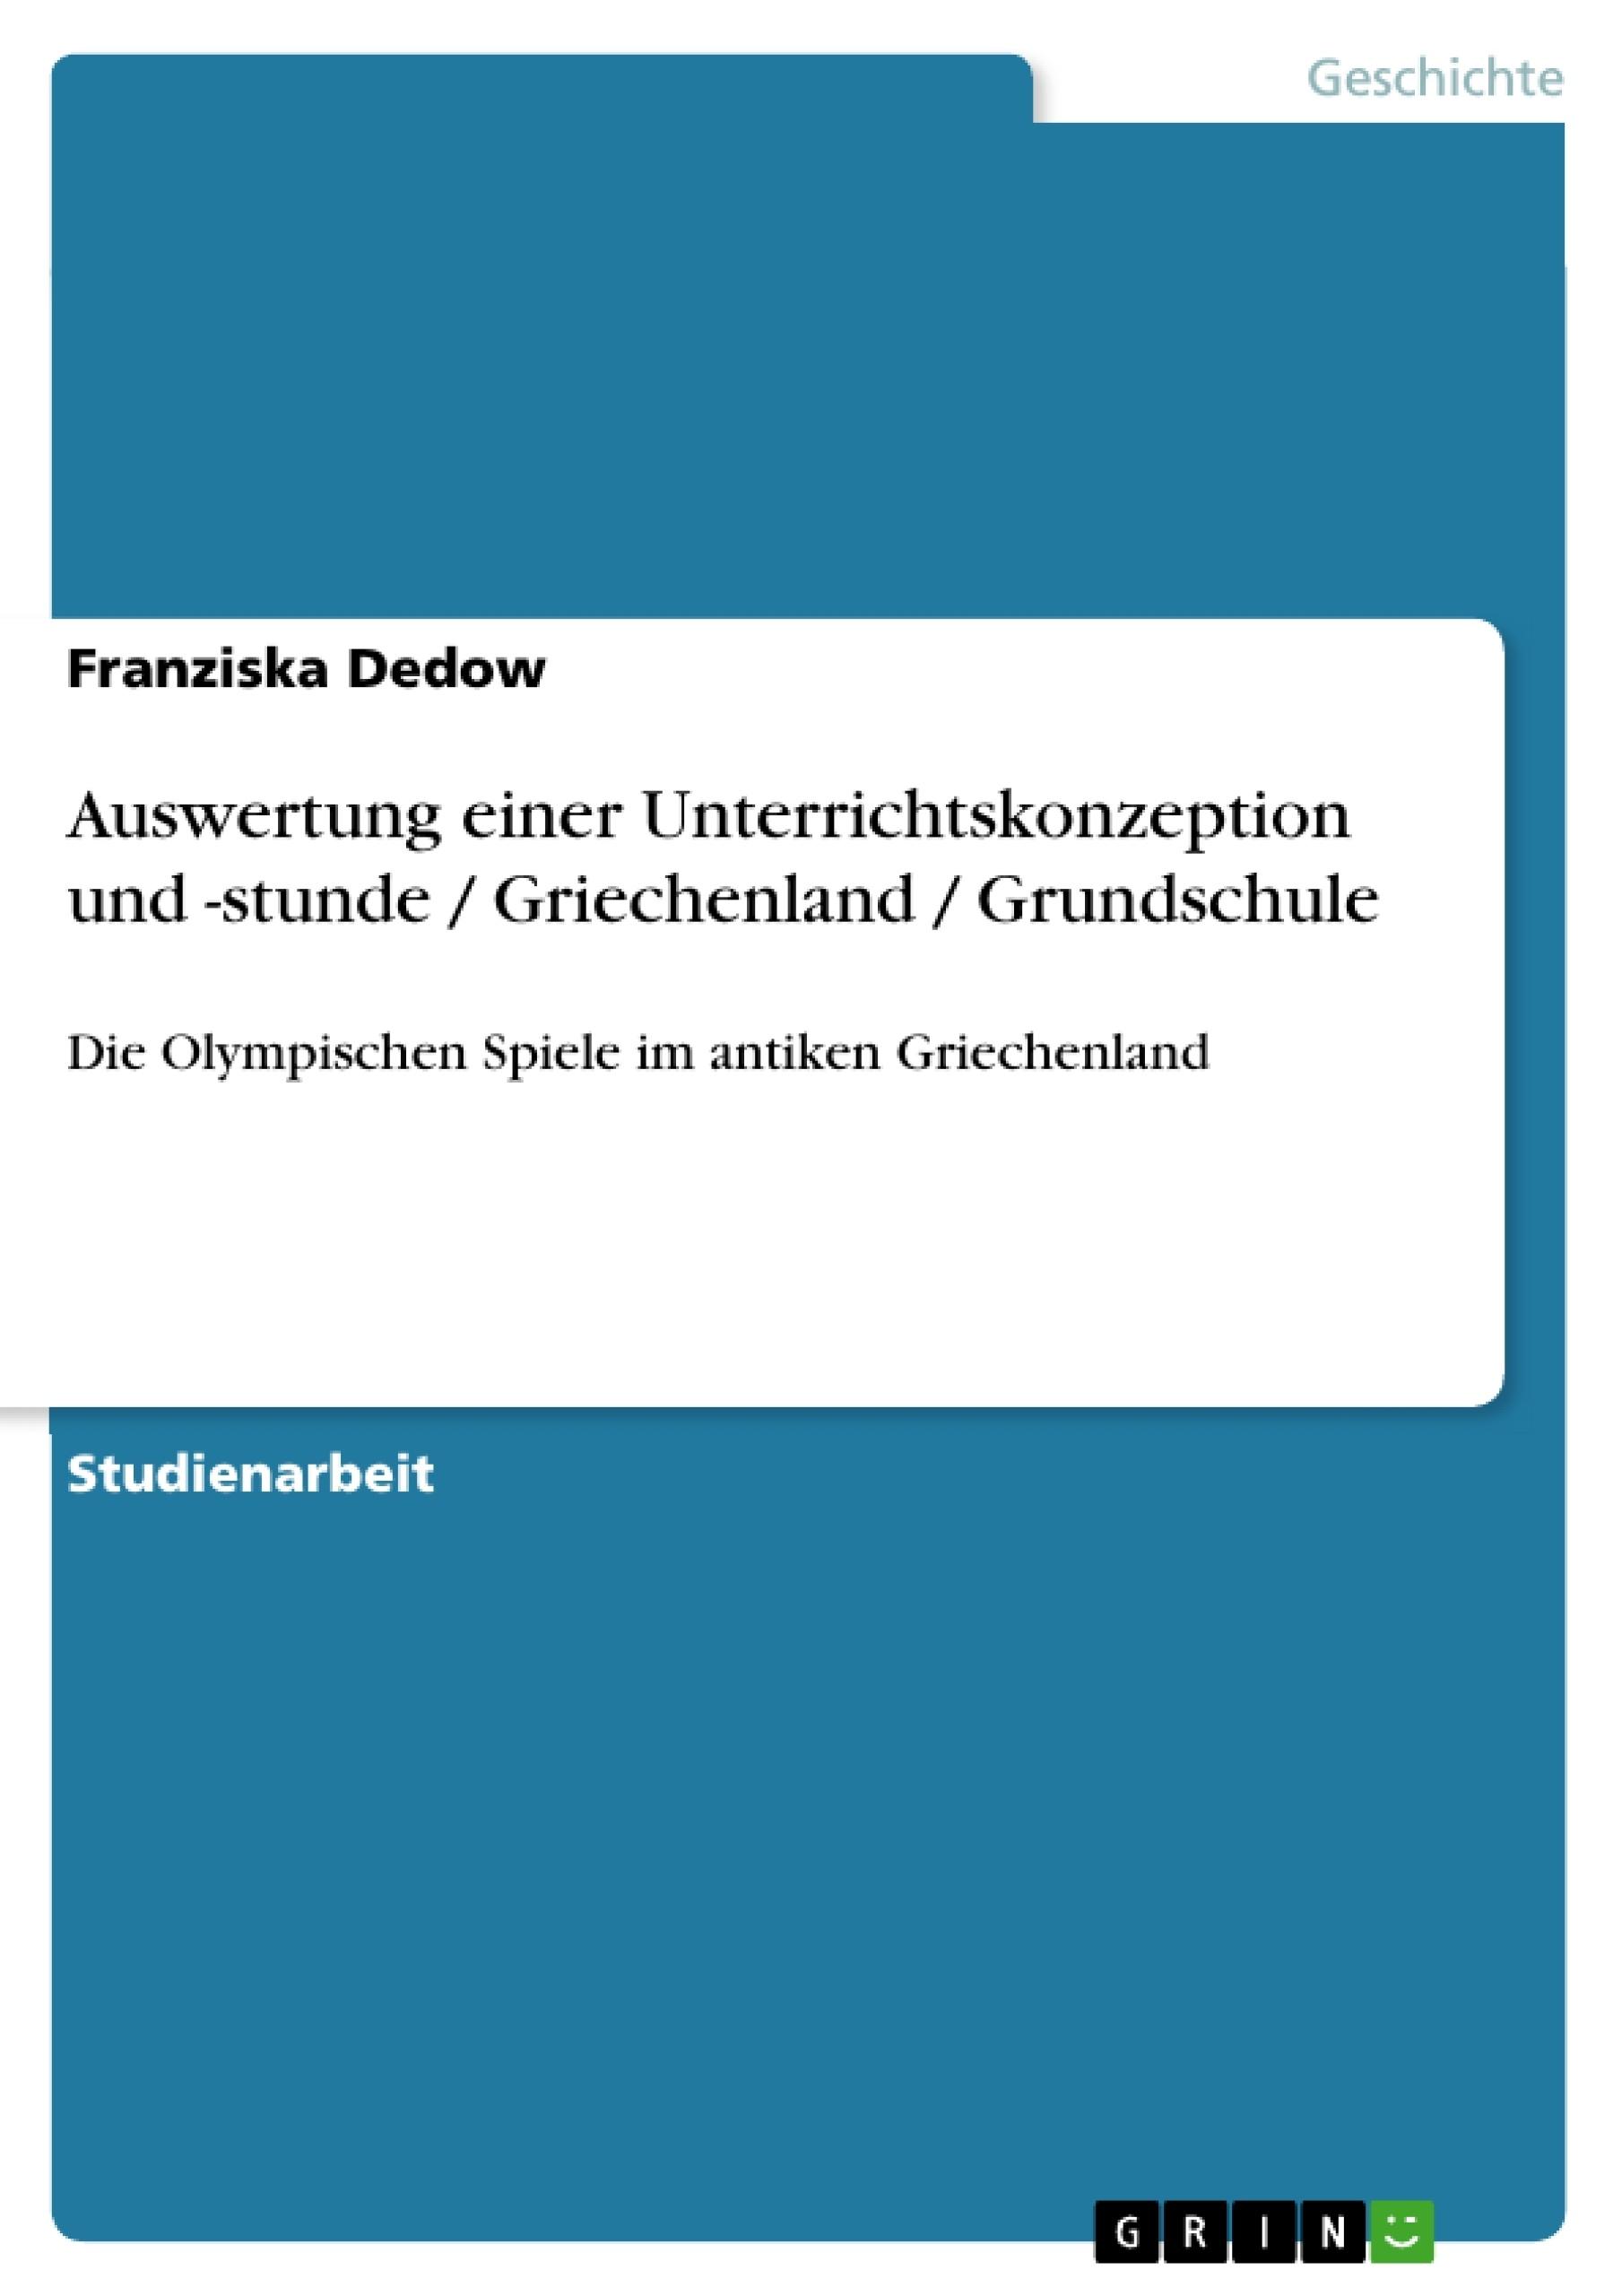 Auswertung einer Unterrichtskonzeption und -stunde / Griechenland ...